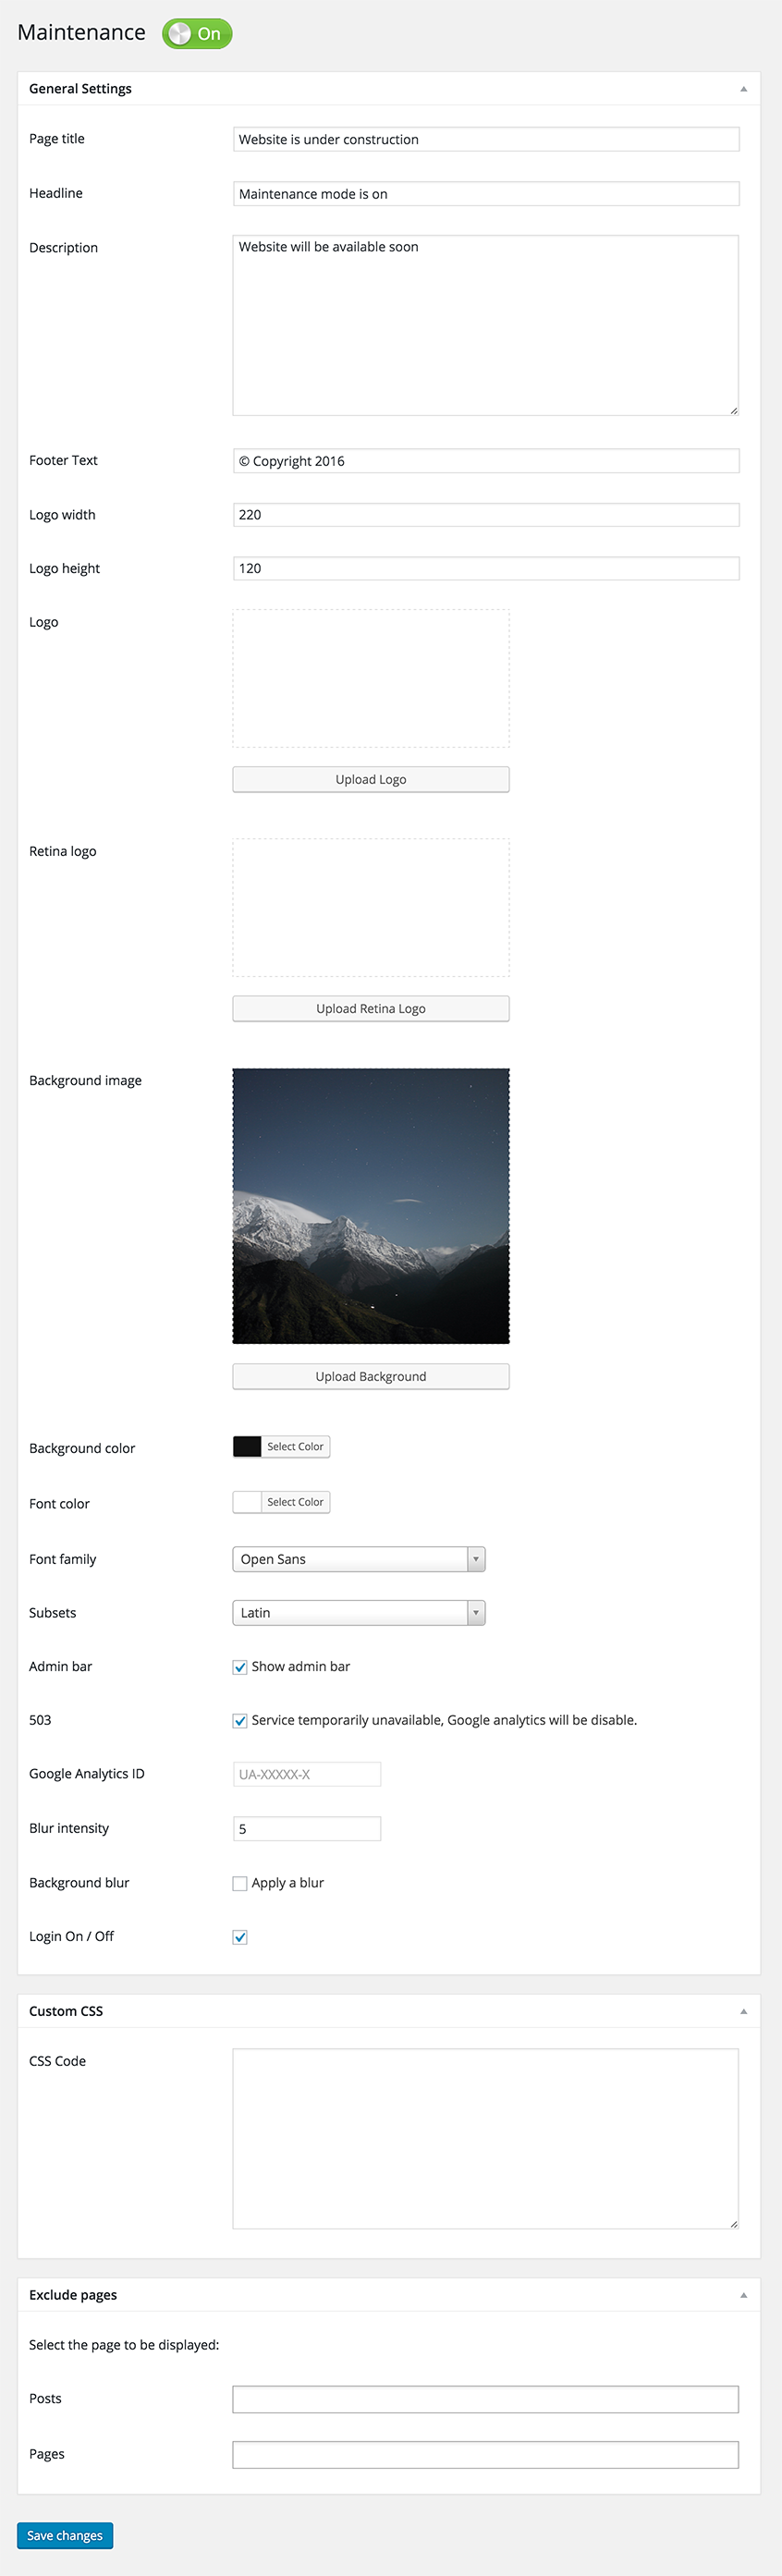 Maintenance plugin options page